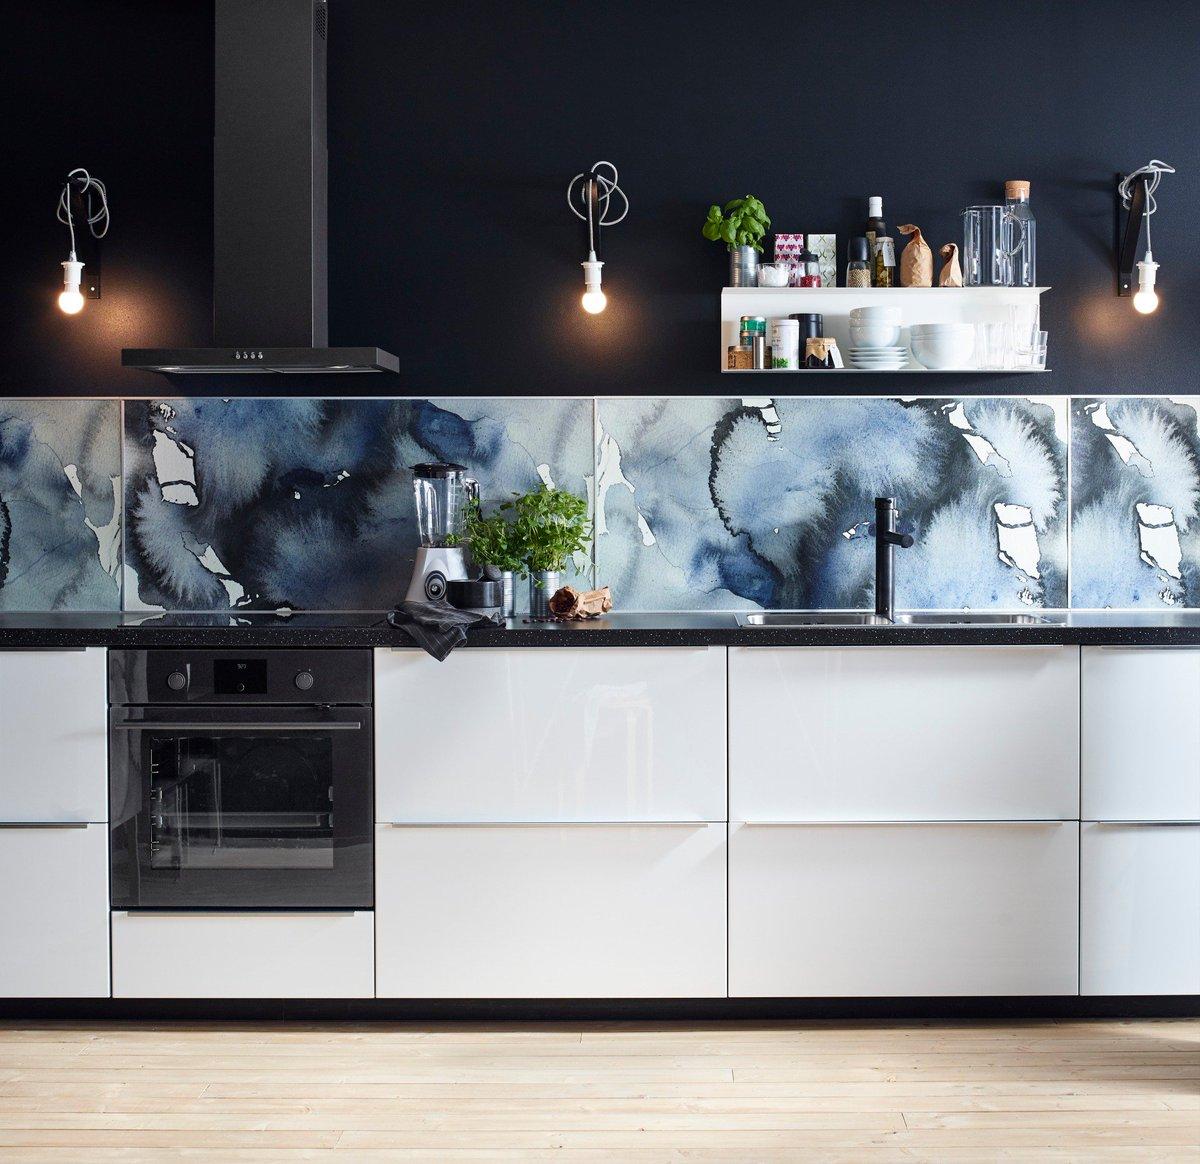 Ikea Nederland On Twitter Van Strak En Modern Tot Landelijk En Klassiek T M 18 Juni 10 Family Korting Op Keukens Excl Keukenapparatuur Https T Co Nipwxhkpnb Https T Co 3ruczwxnsc